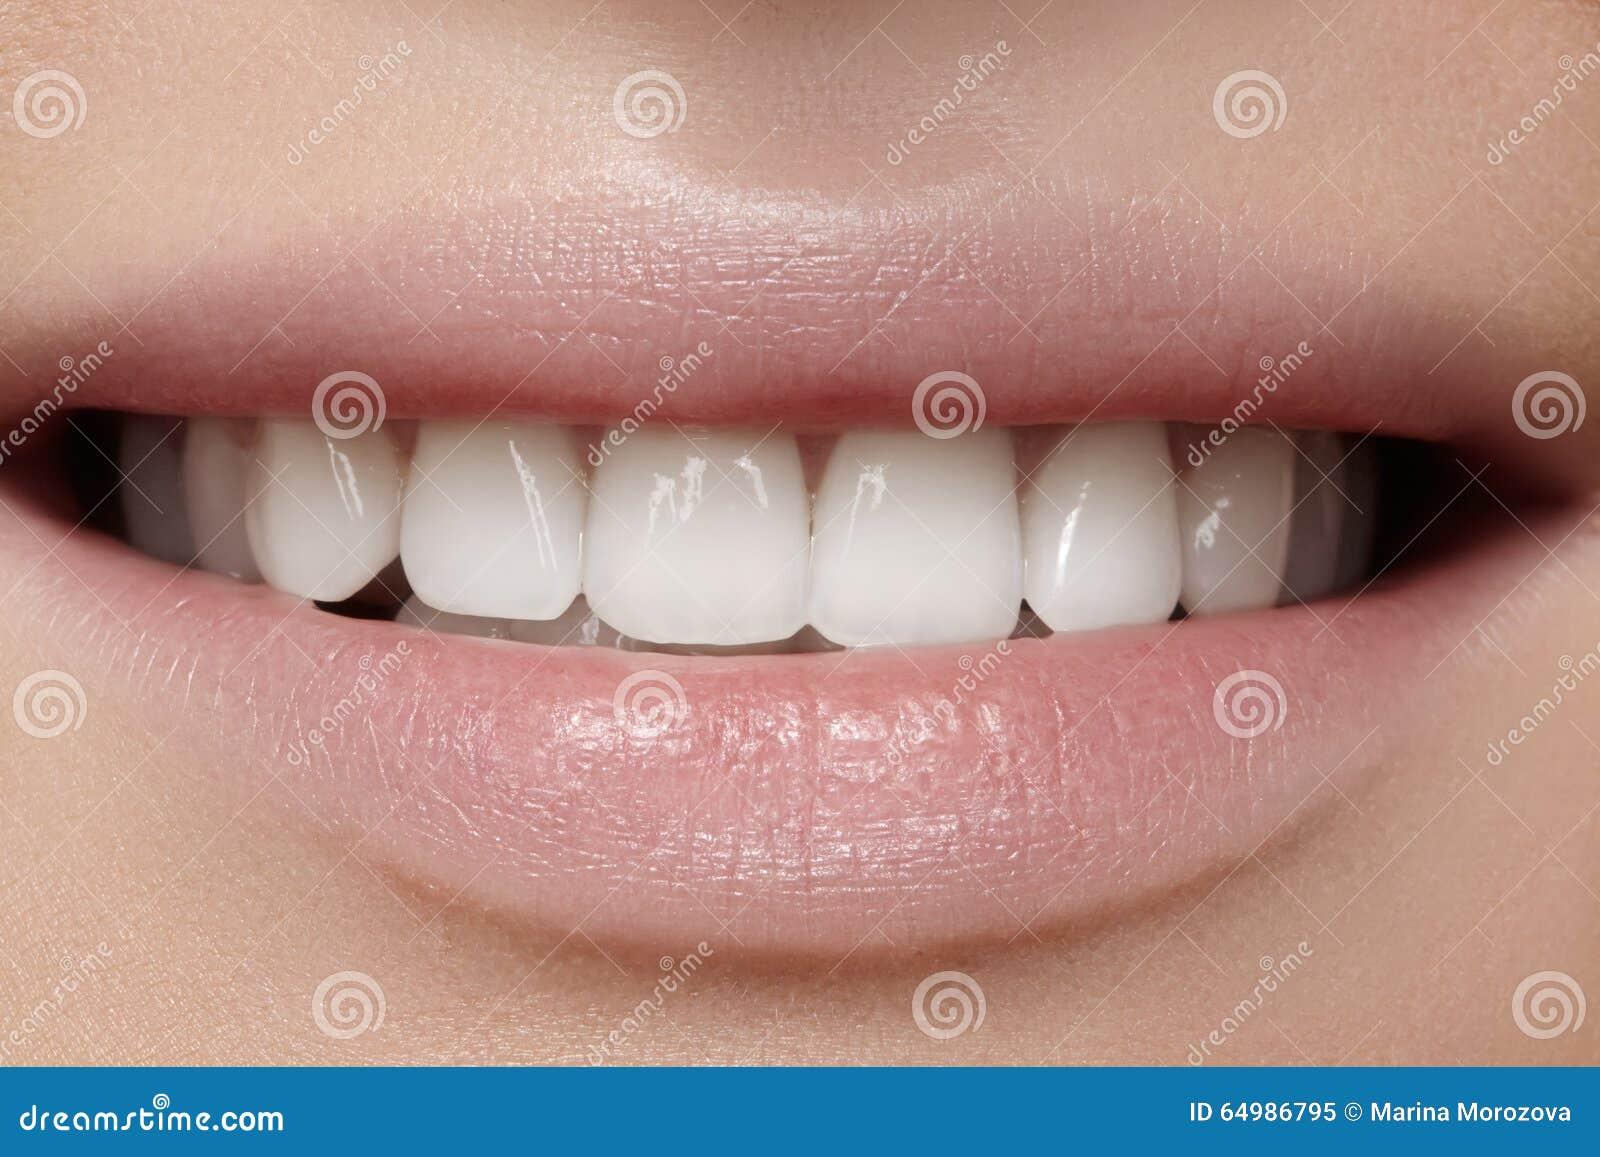 зубы perfect smile veneers накладные зубы отзывы